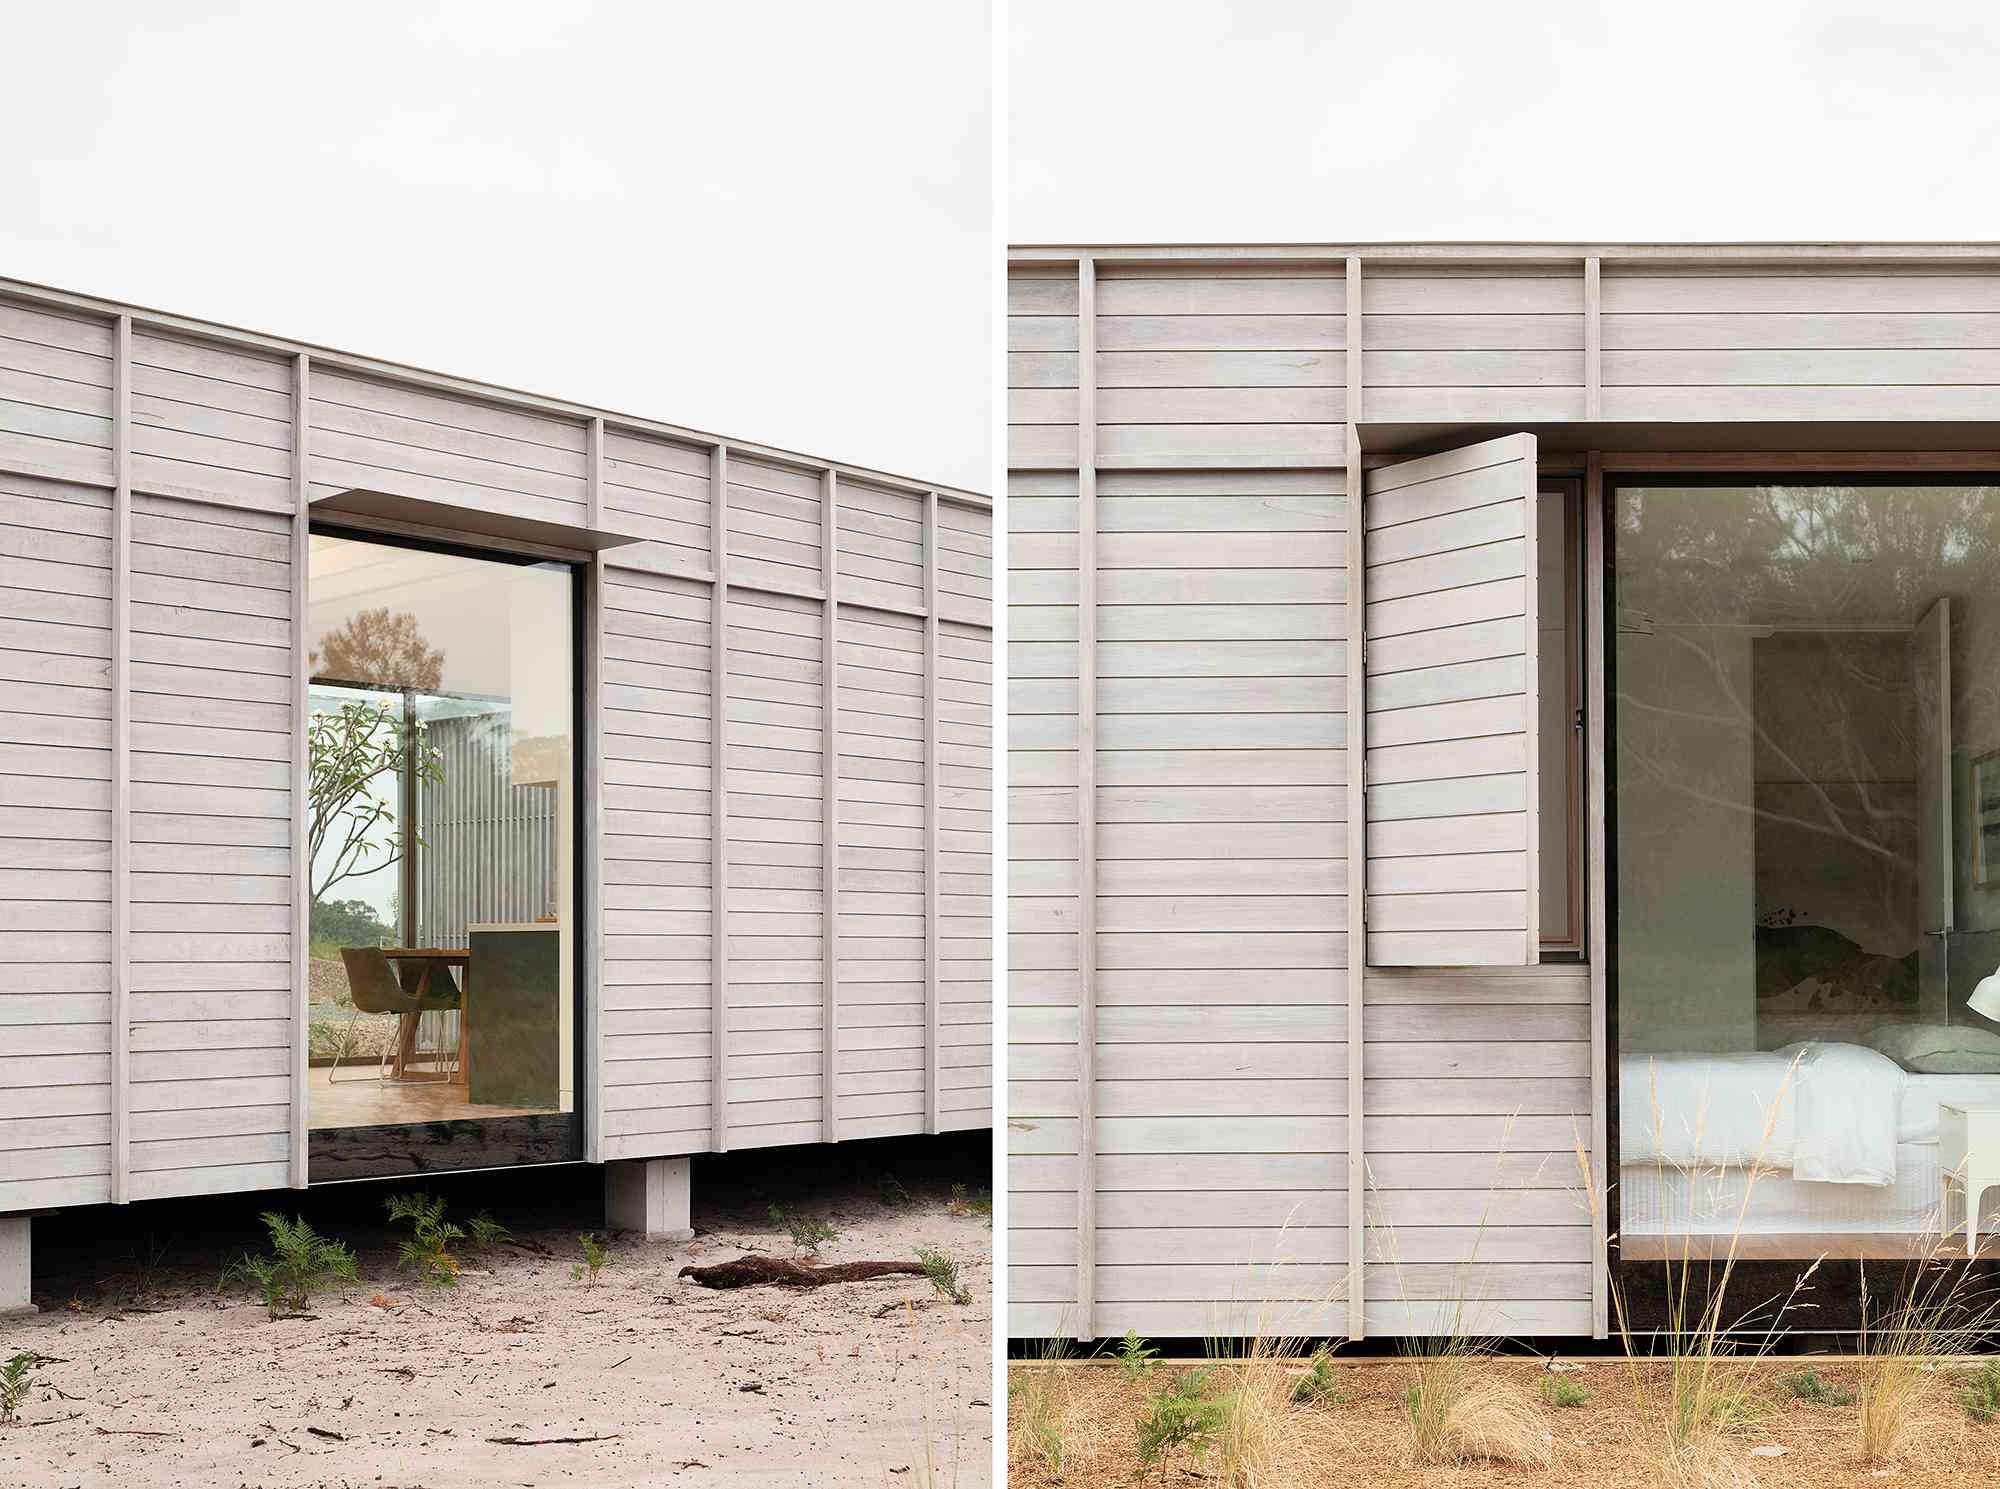 Courtyard House by CHROFI and FABPREFAB exterior